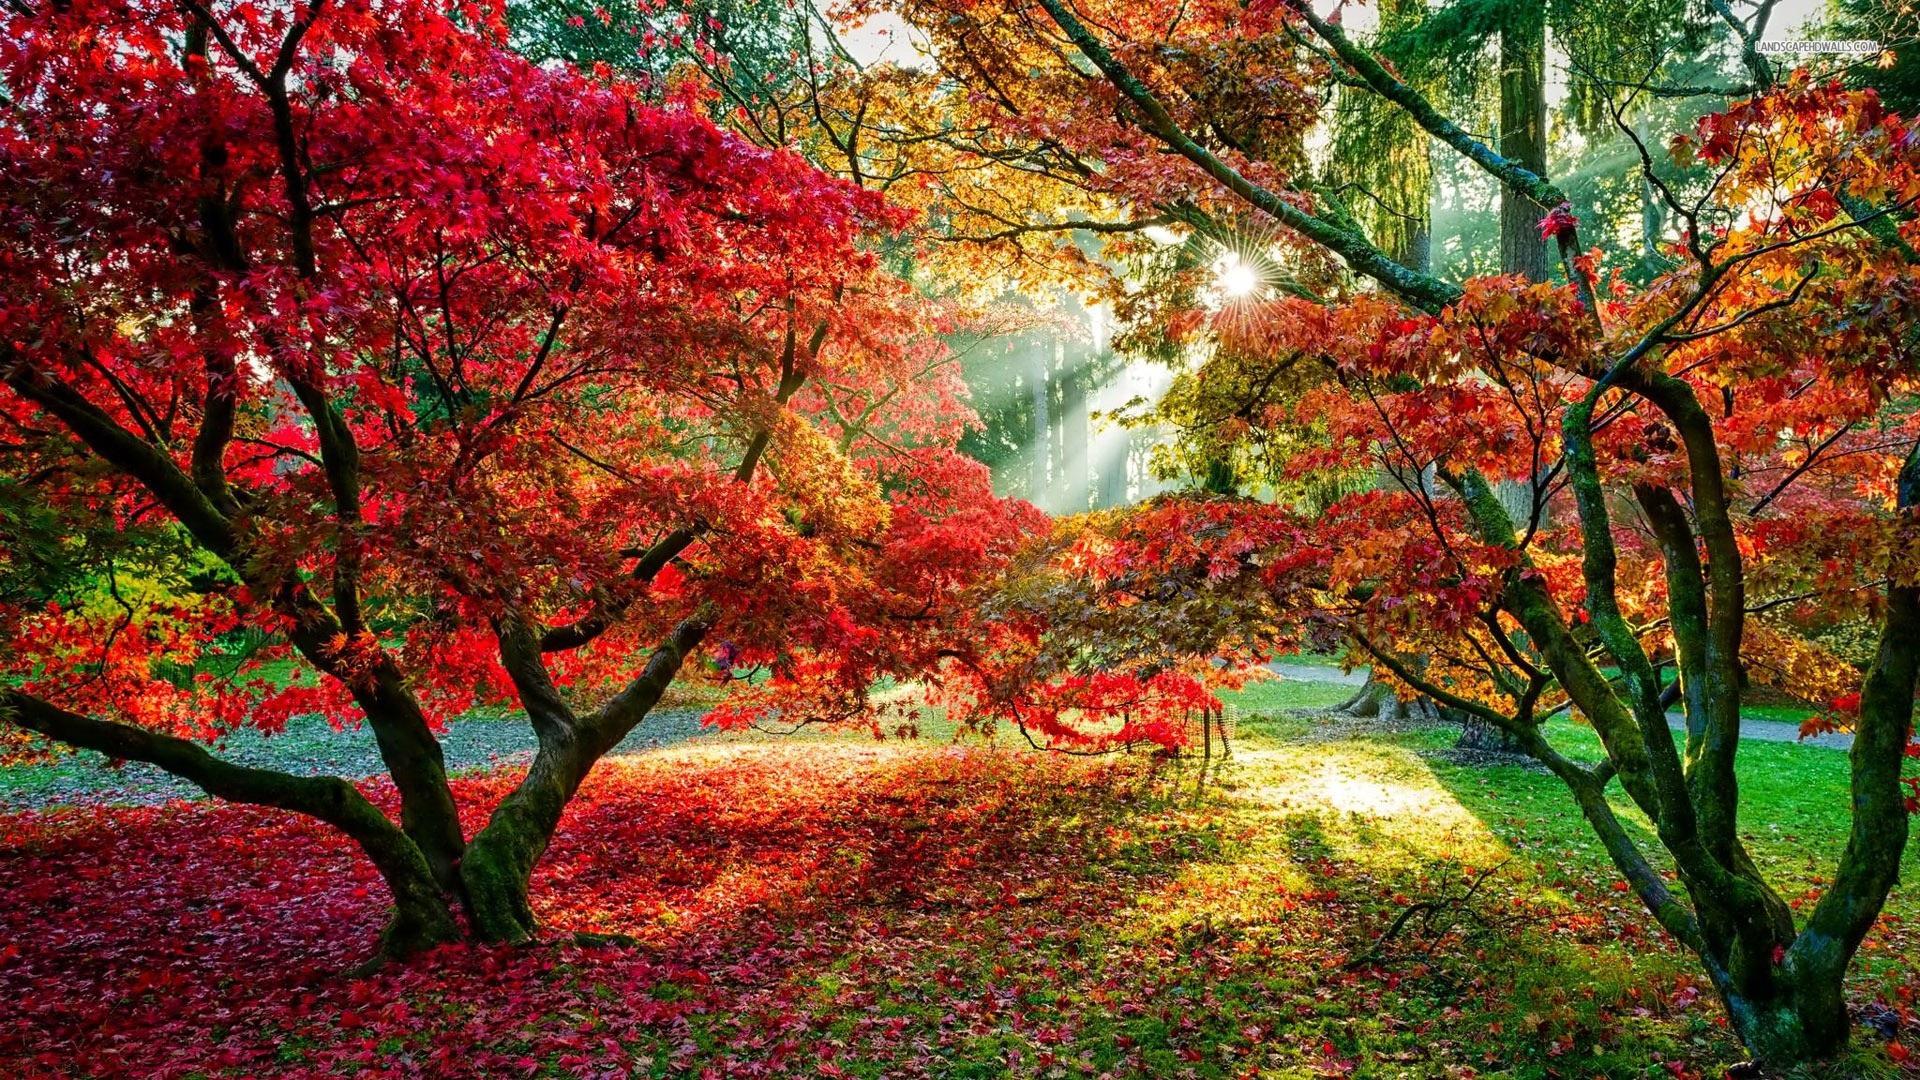 壁紙 紅葉 赤い葉 太陽の光 秋 19x1080 Full Hd 2k 無料のデスクトップの背景 画像